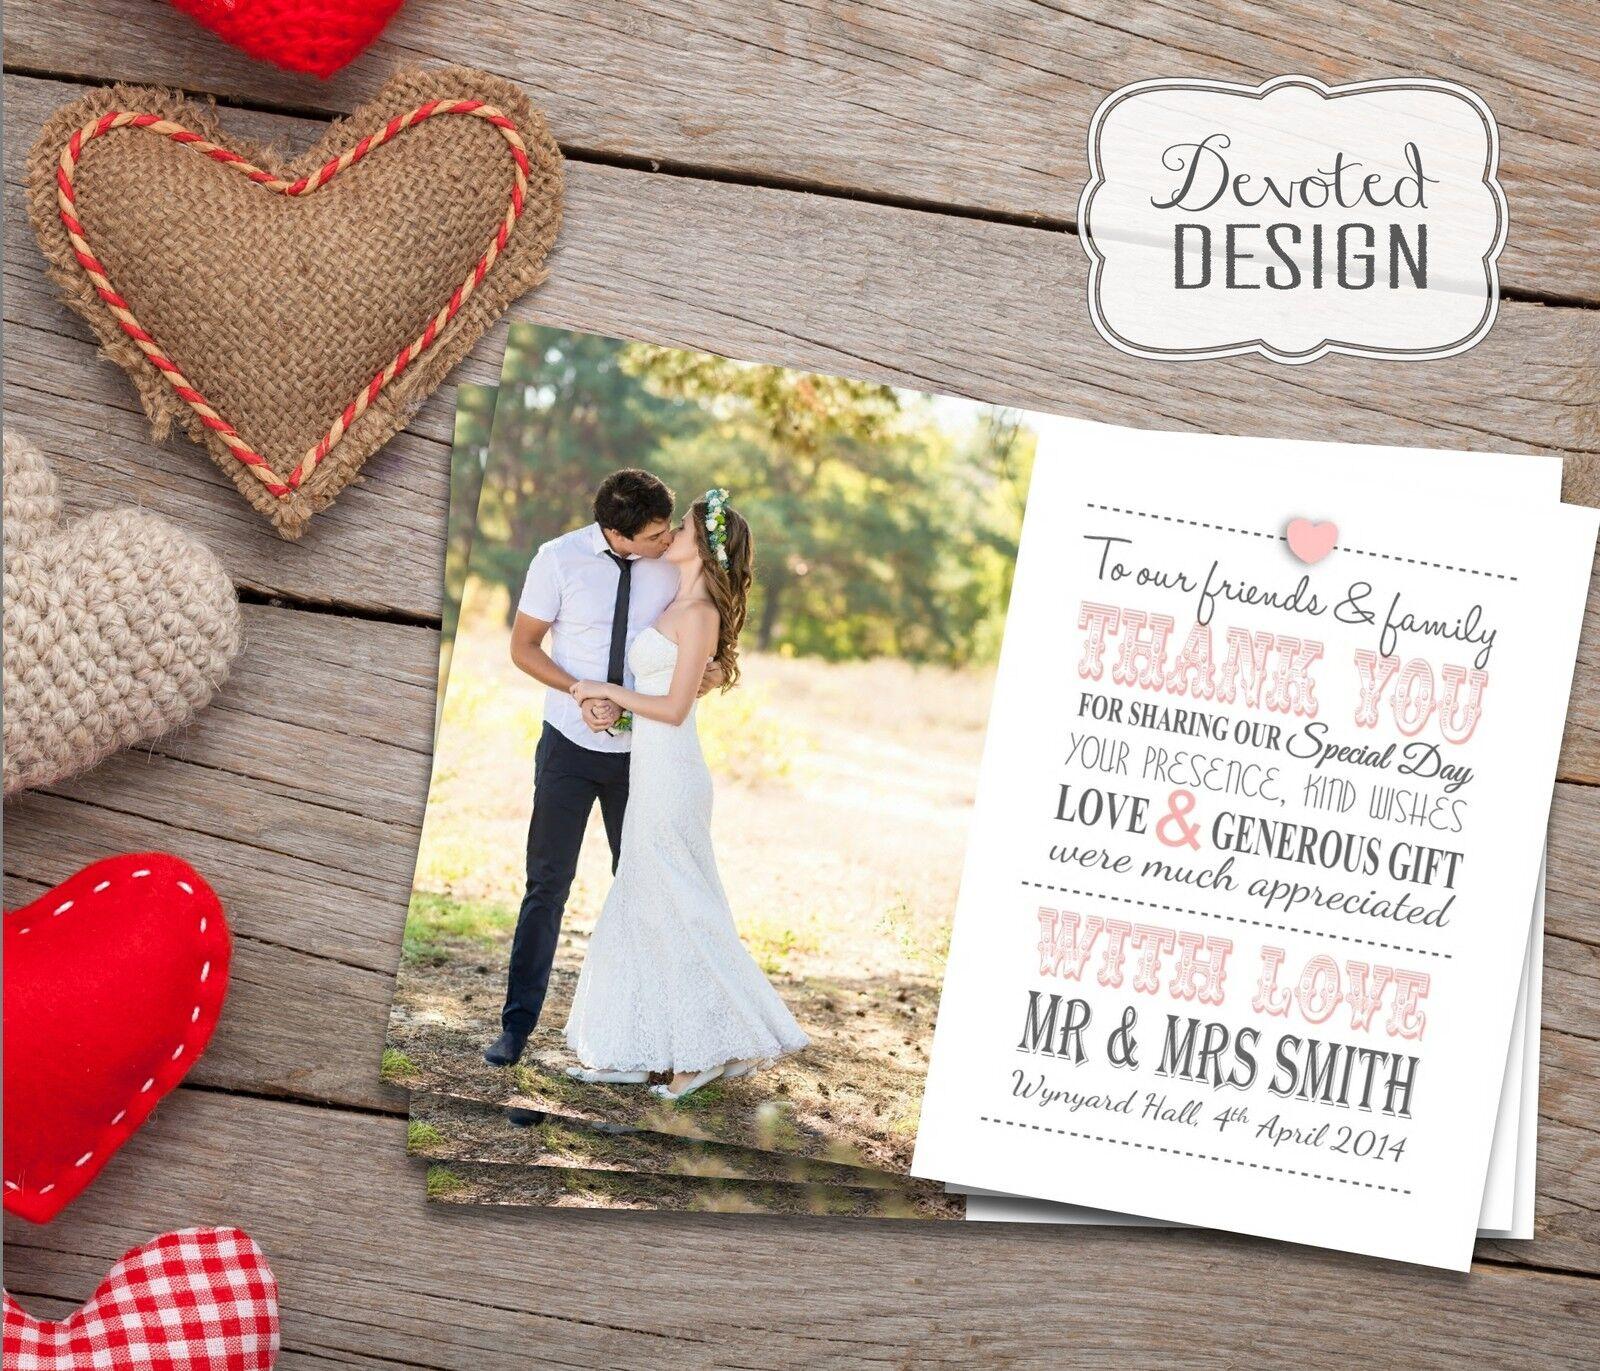 PREMIO Matrimonio Personalizzati Ringraziamenti Inc. BUSTE + + + foto 7ca921